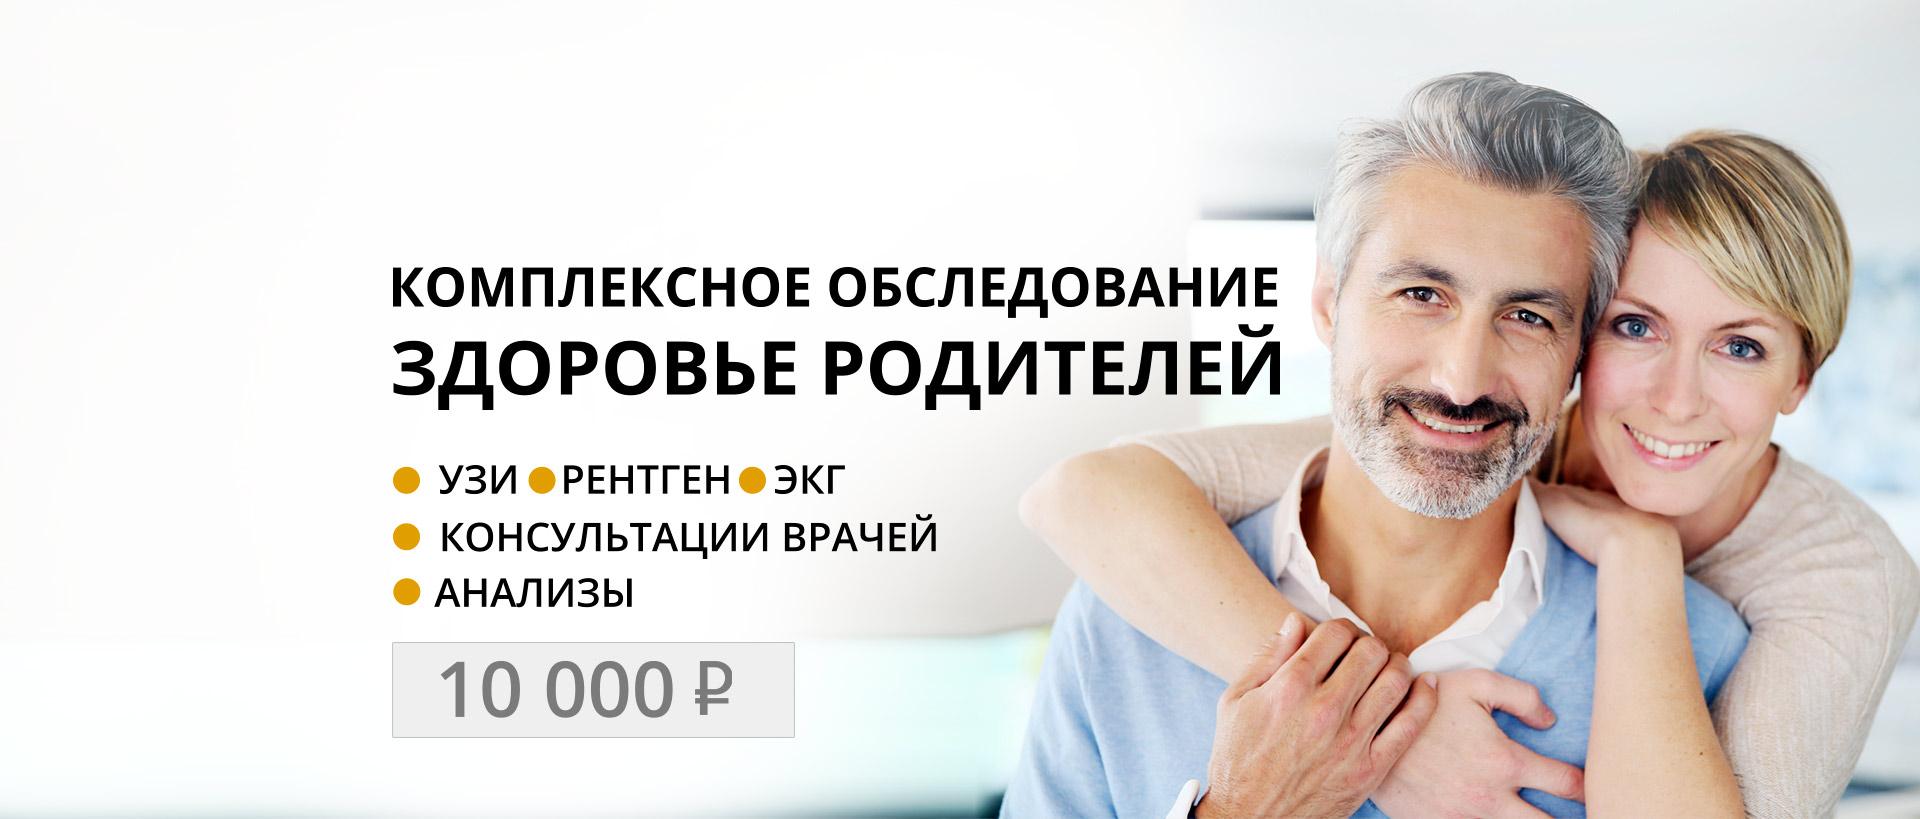 Информация в приемном отделении больницы